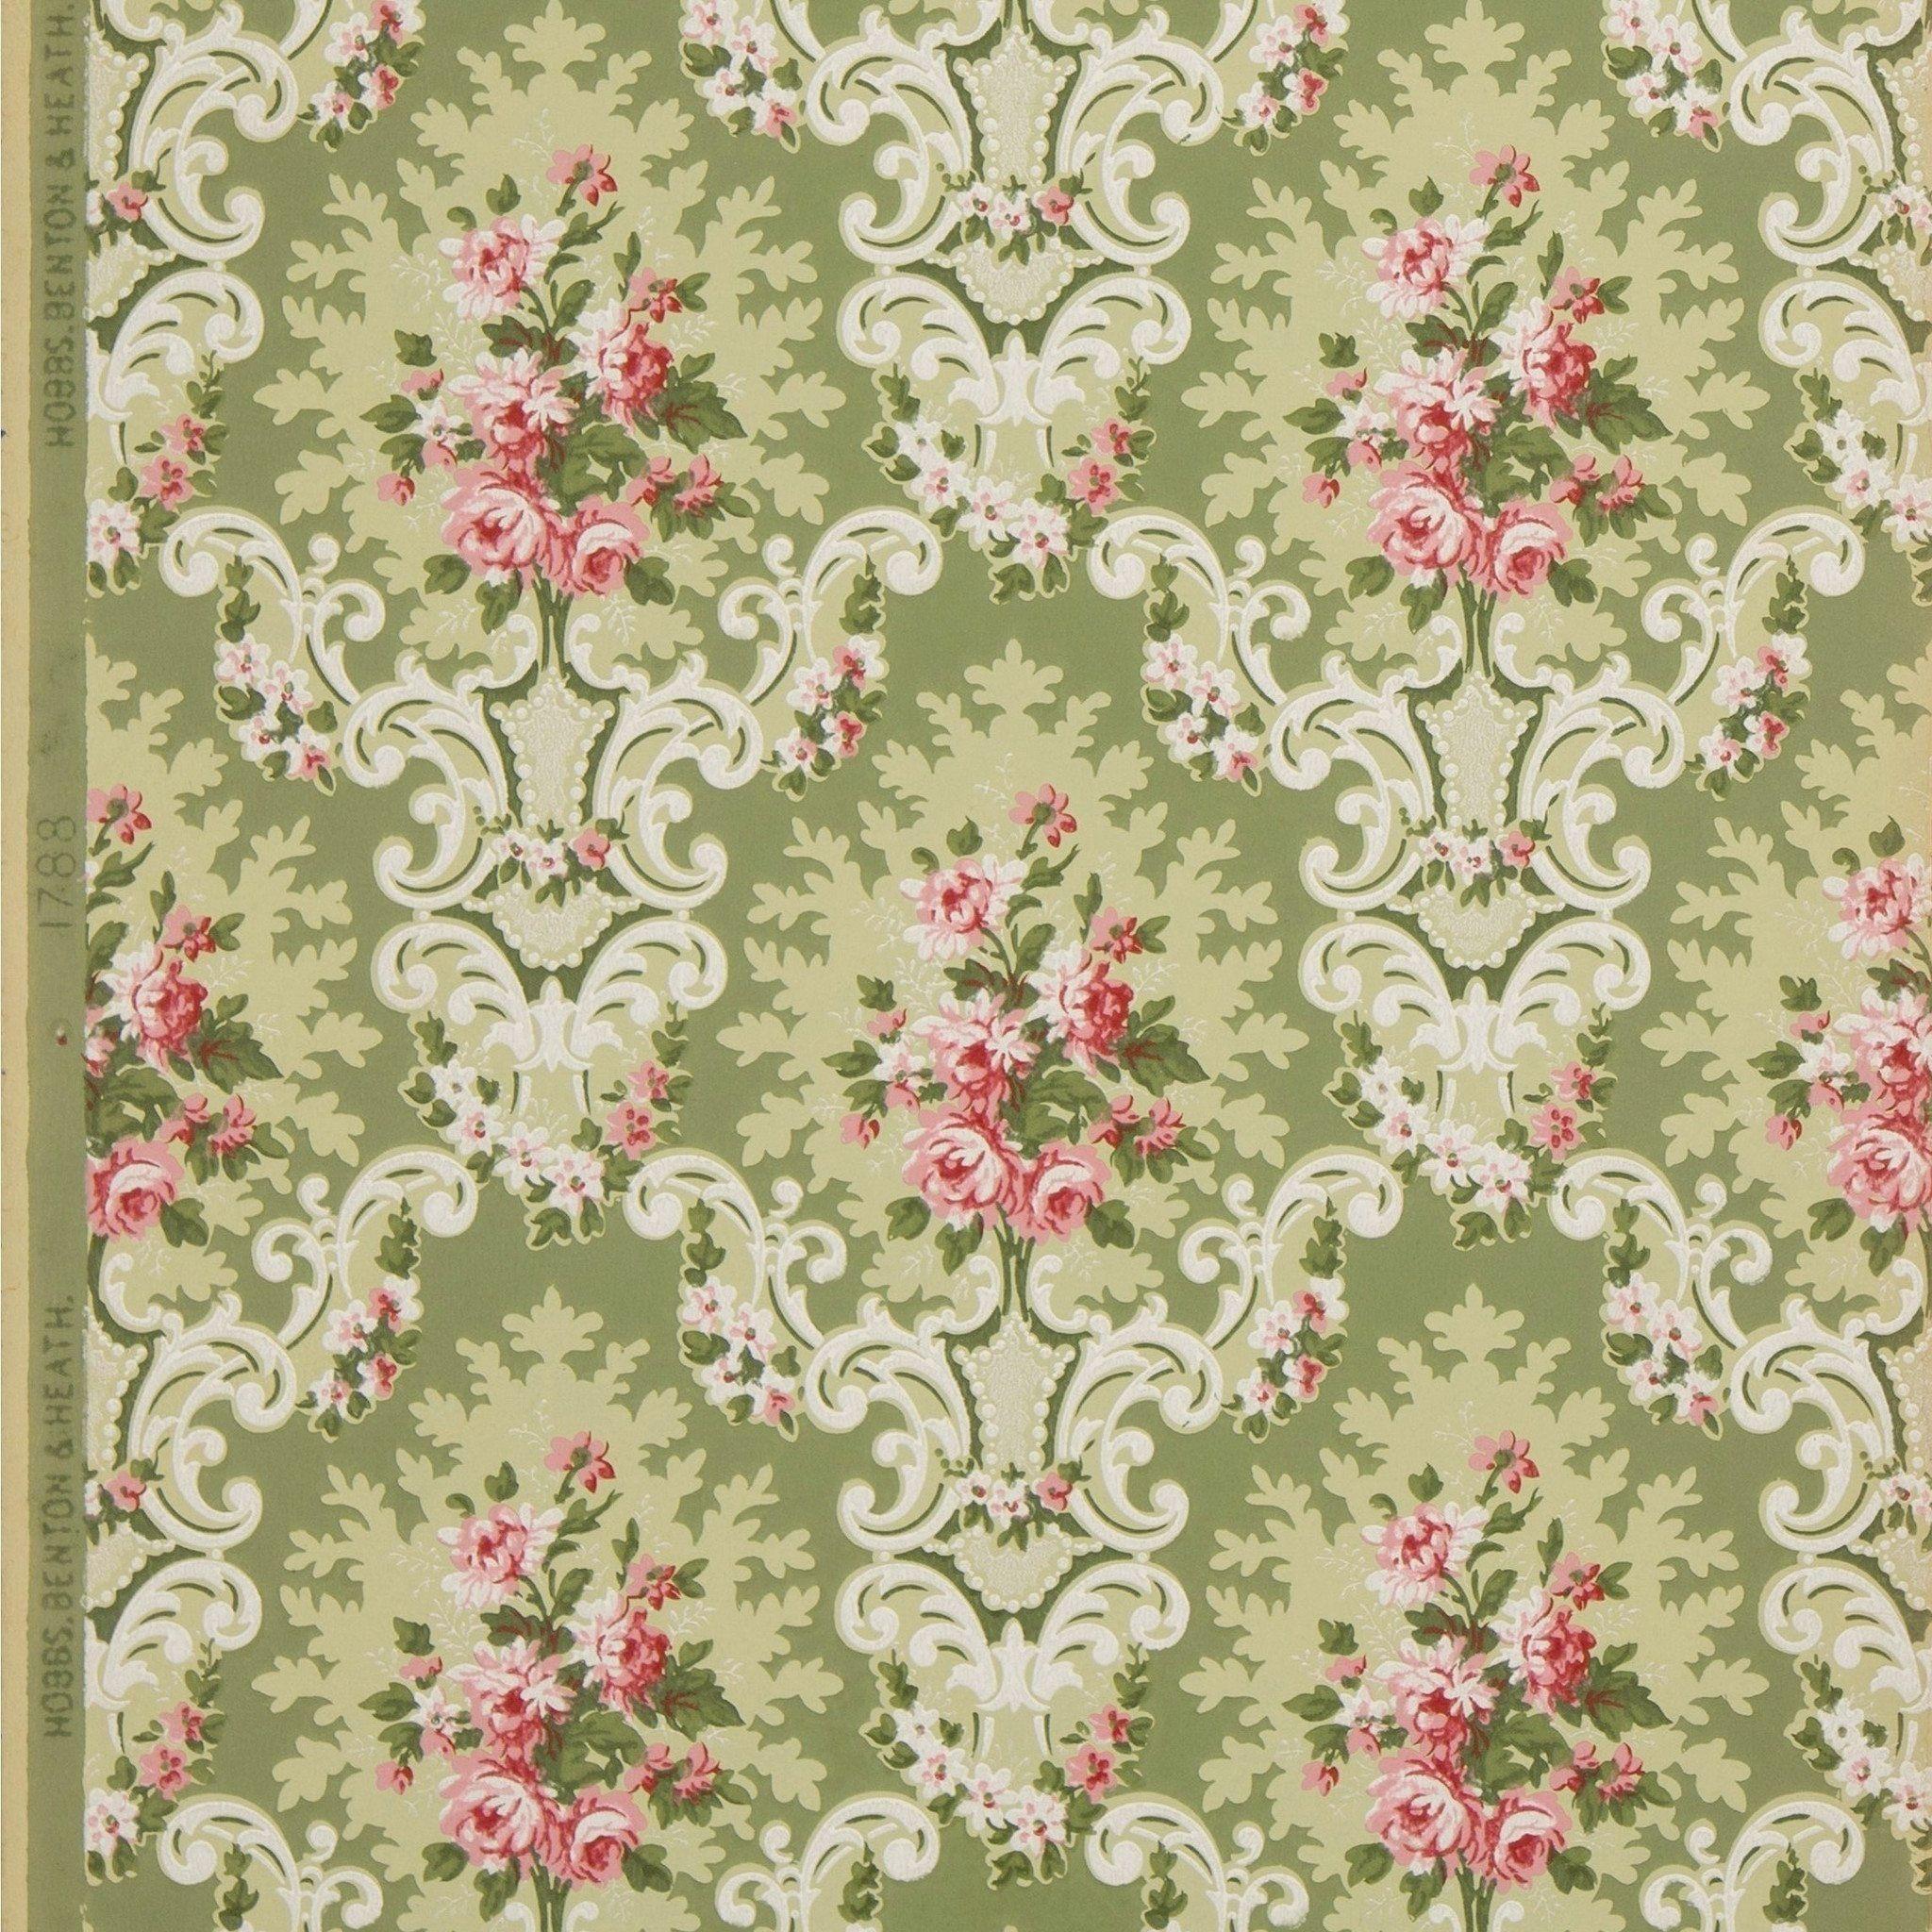 Flower Patterened Wallpaper 1890 Striped